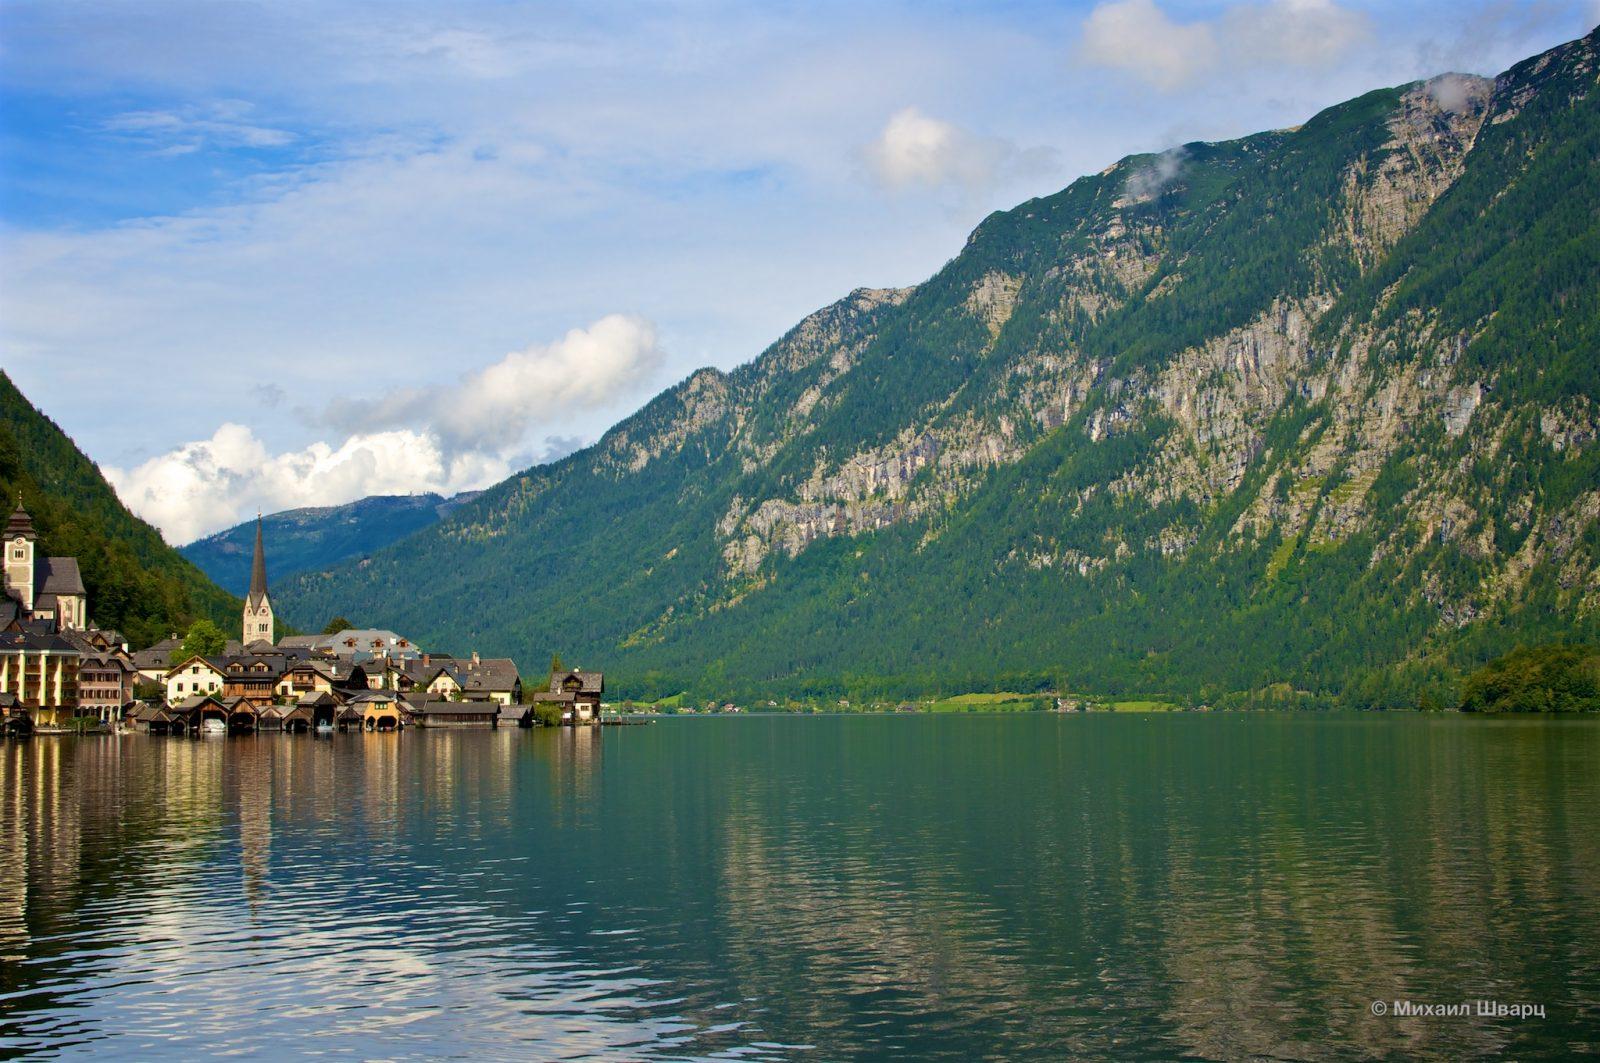 Гальштат - Австрийская деревня, город или озеро?:)